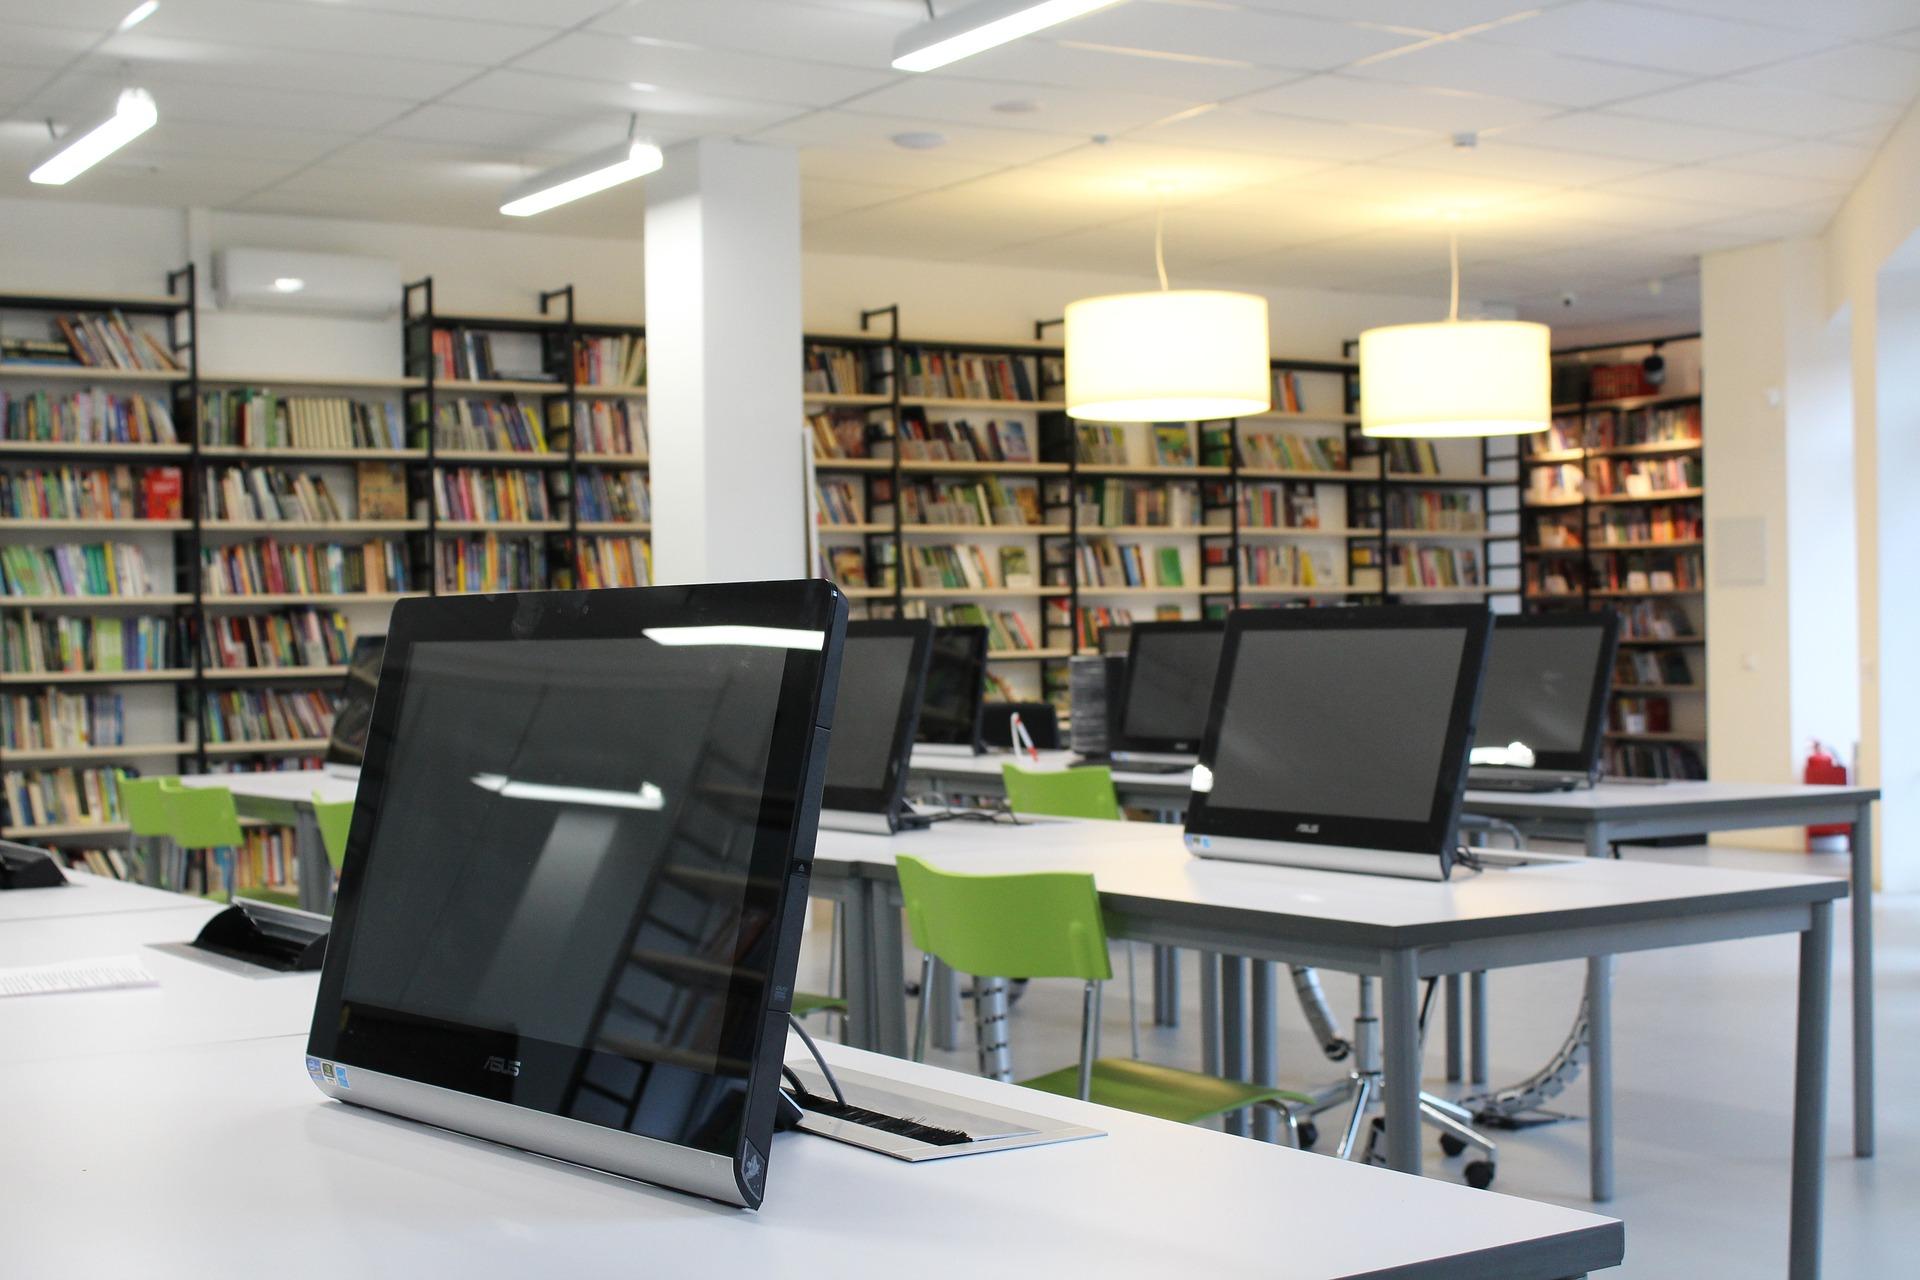 Aula con ordenadores y libros